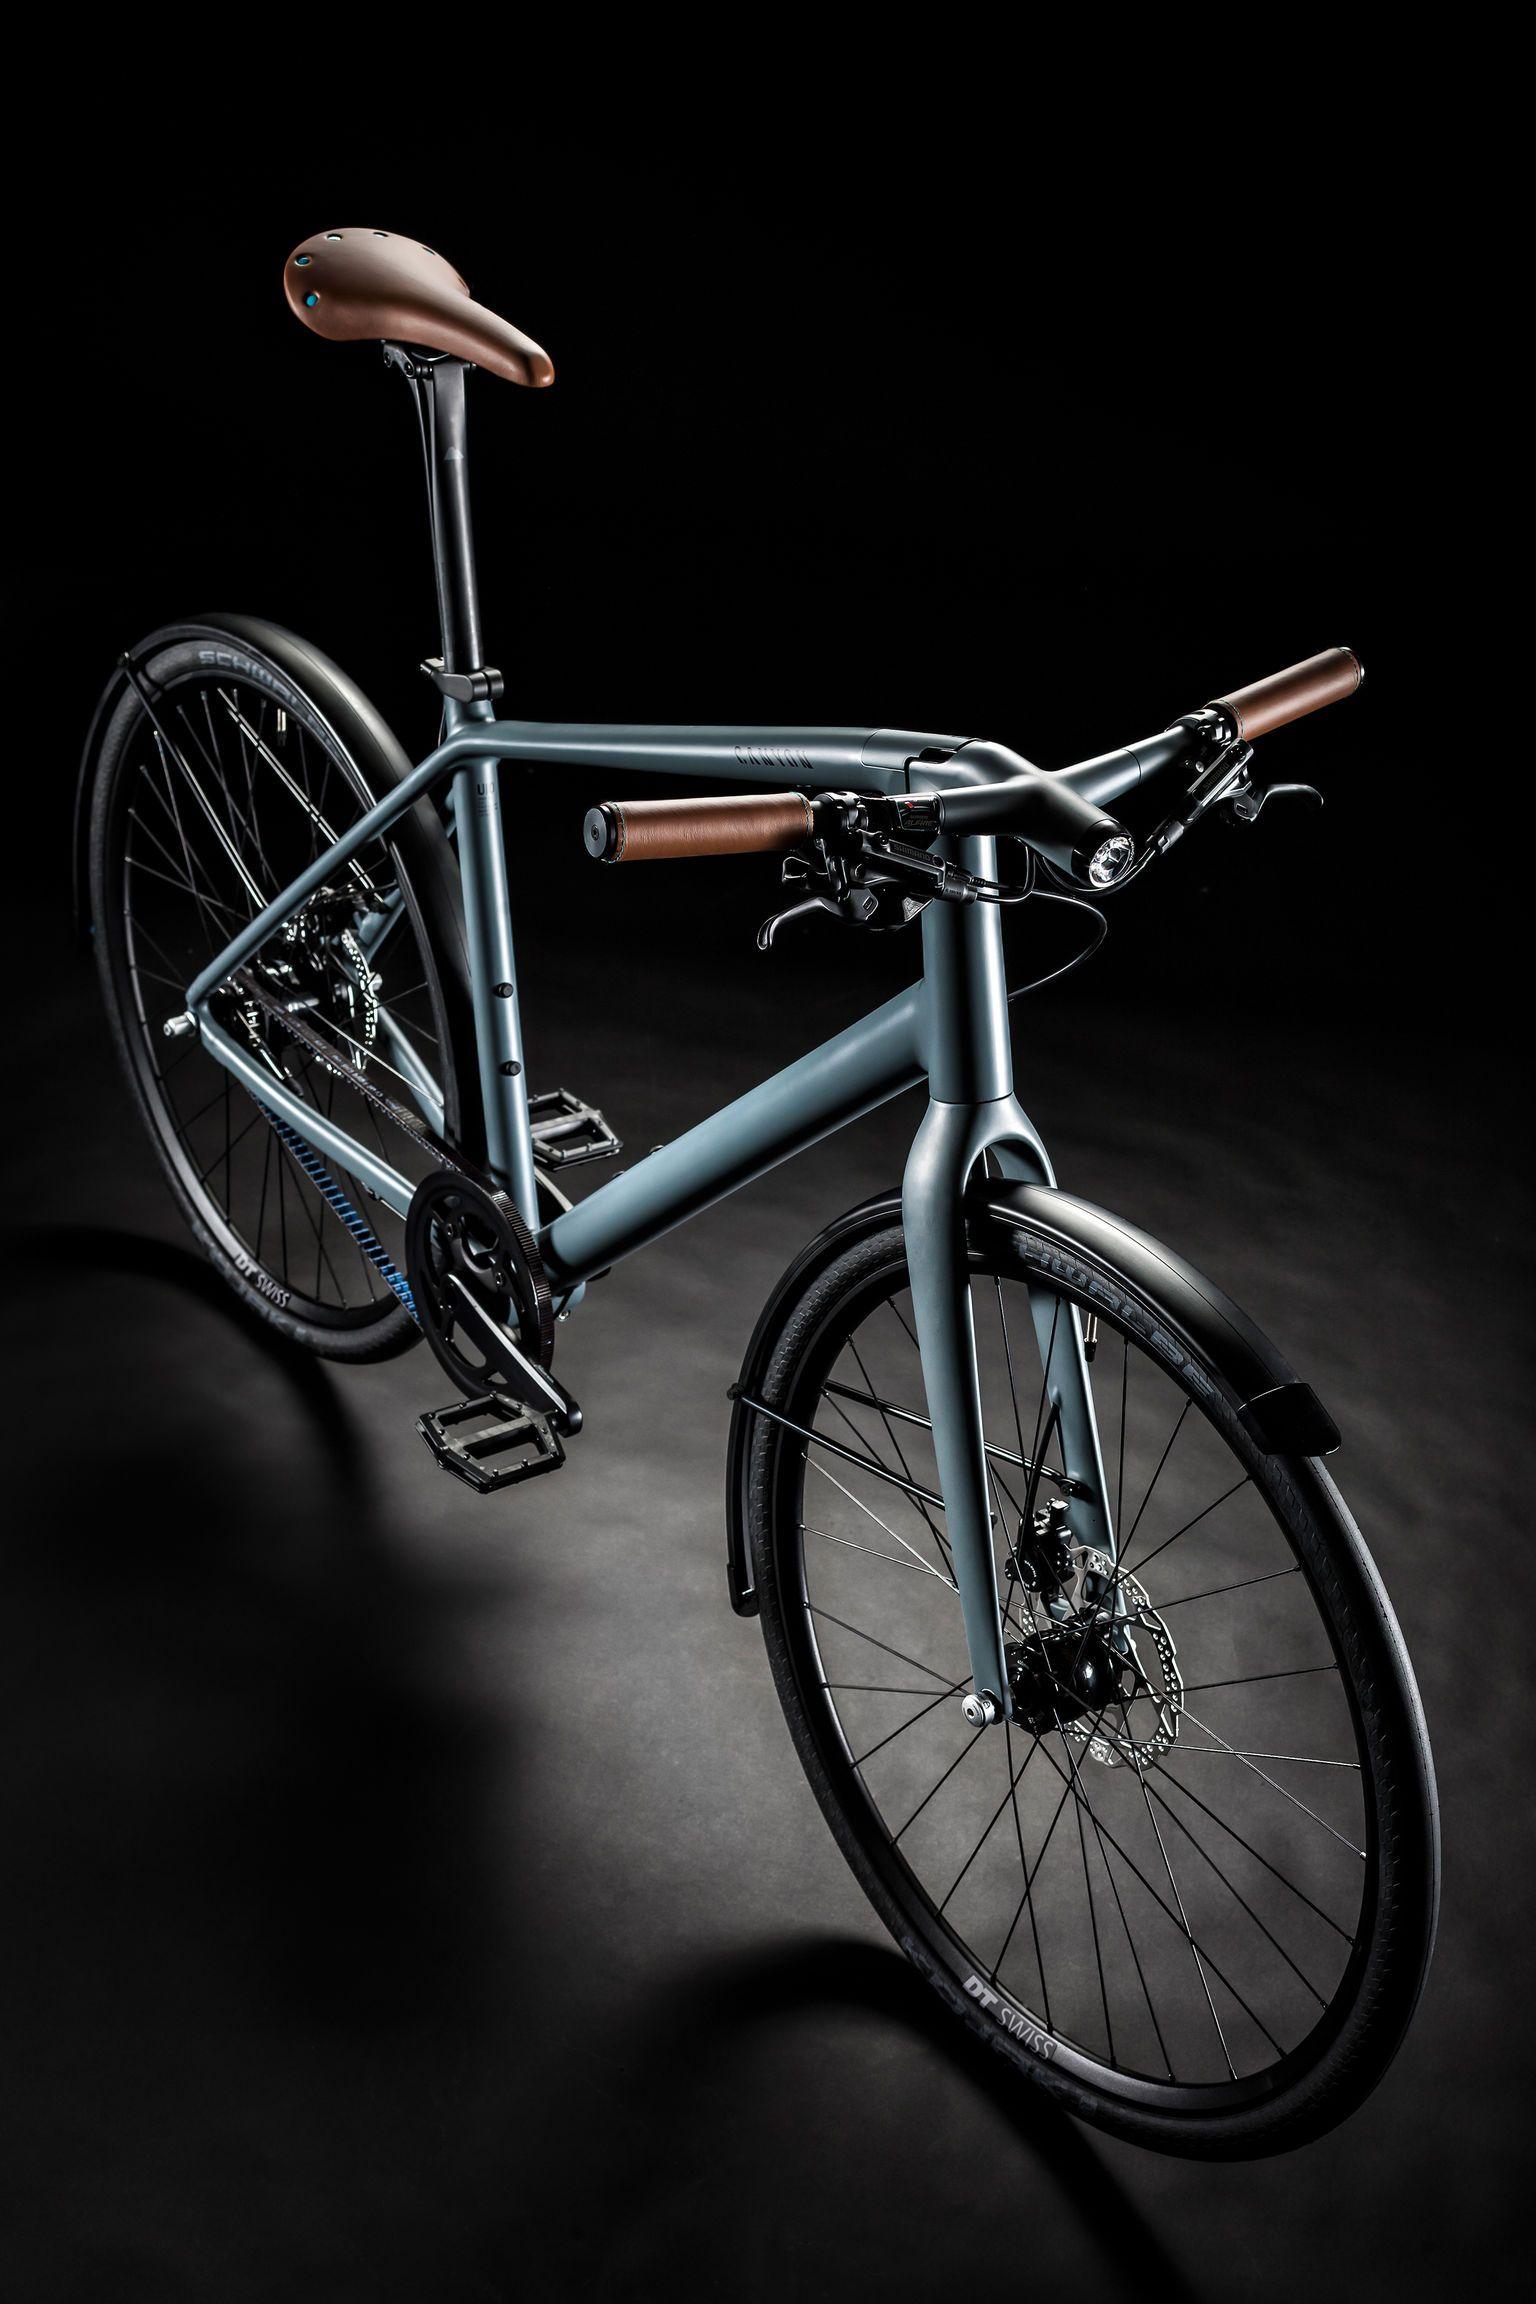 Commuter Urban Bike Beitragsdetails If Online Exhibition Fahrrad Design Fahrrad Fotografie Fahrraddesign